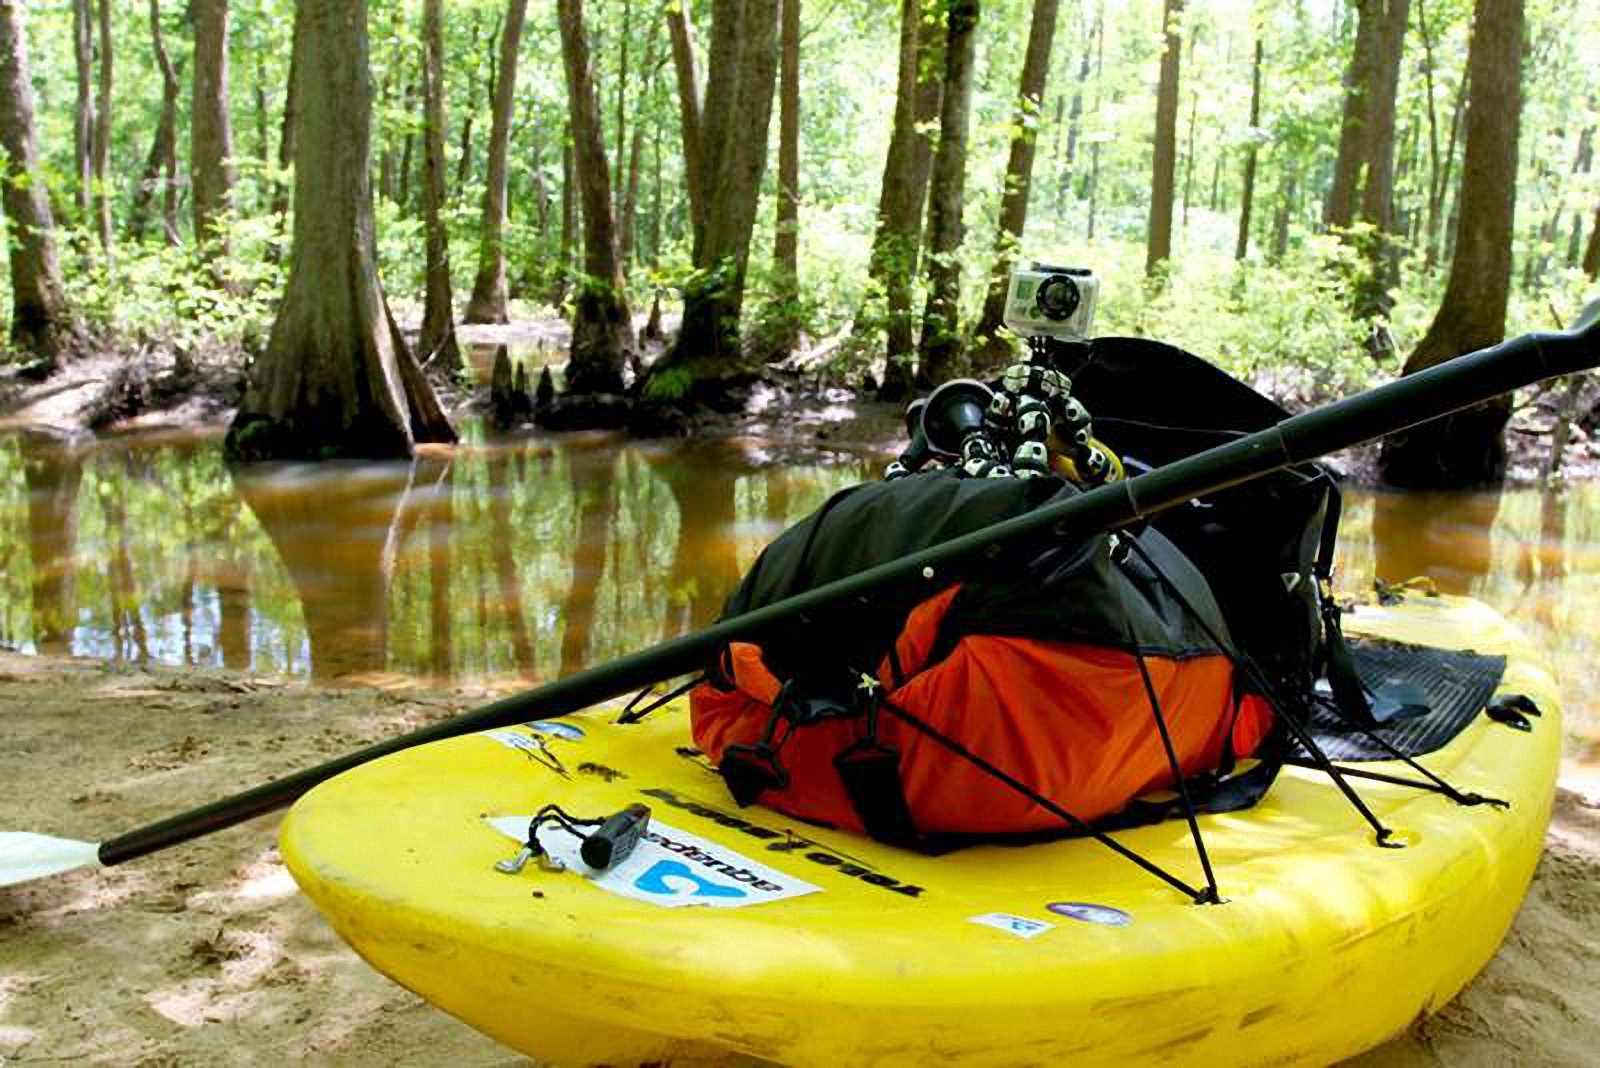 Водонепроницаемый гермомешок-рюкзак (с двумя плечевыми ремнями) Aquapac 778 - Noatak Wet & Drybag - 25L.. Aquapac - №1 в мире водонепроницаемых чехлов и сумок. Фото 2